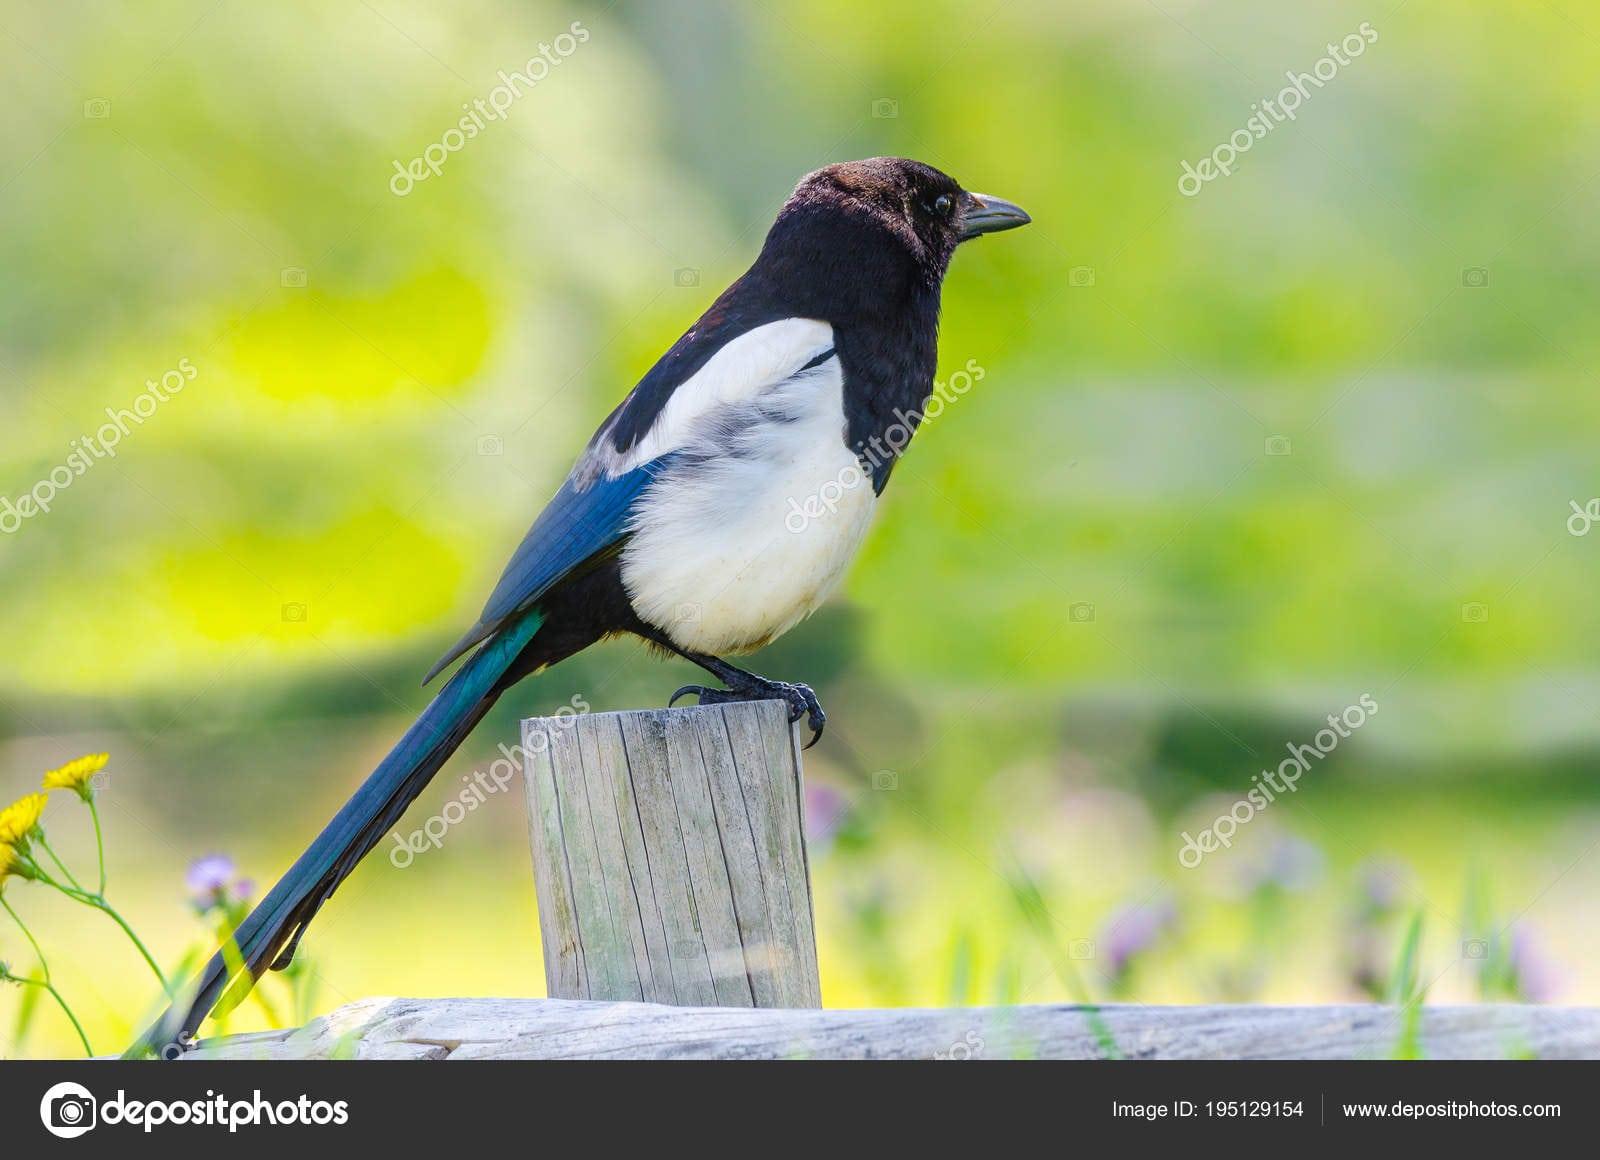 Vista Lateral De Uma Pica Pica De Magpie Comum, único Pássaro No